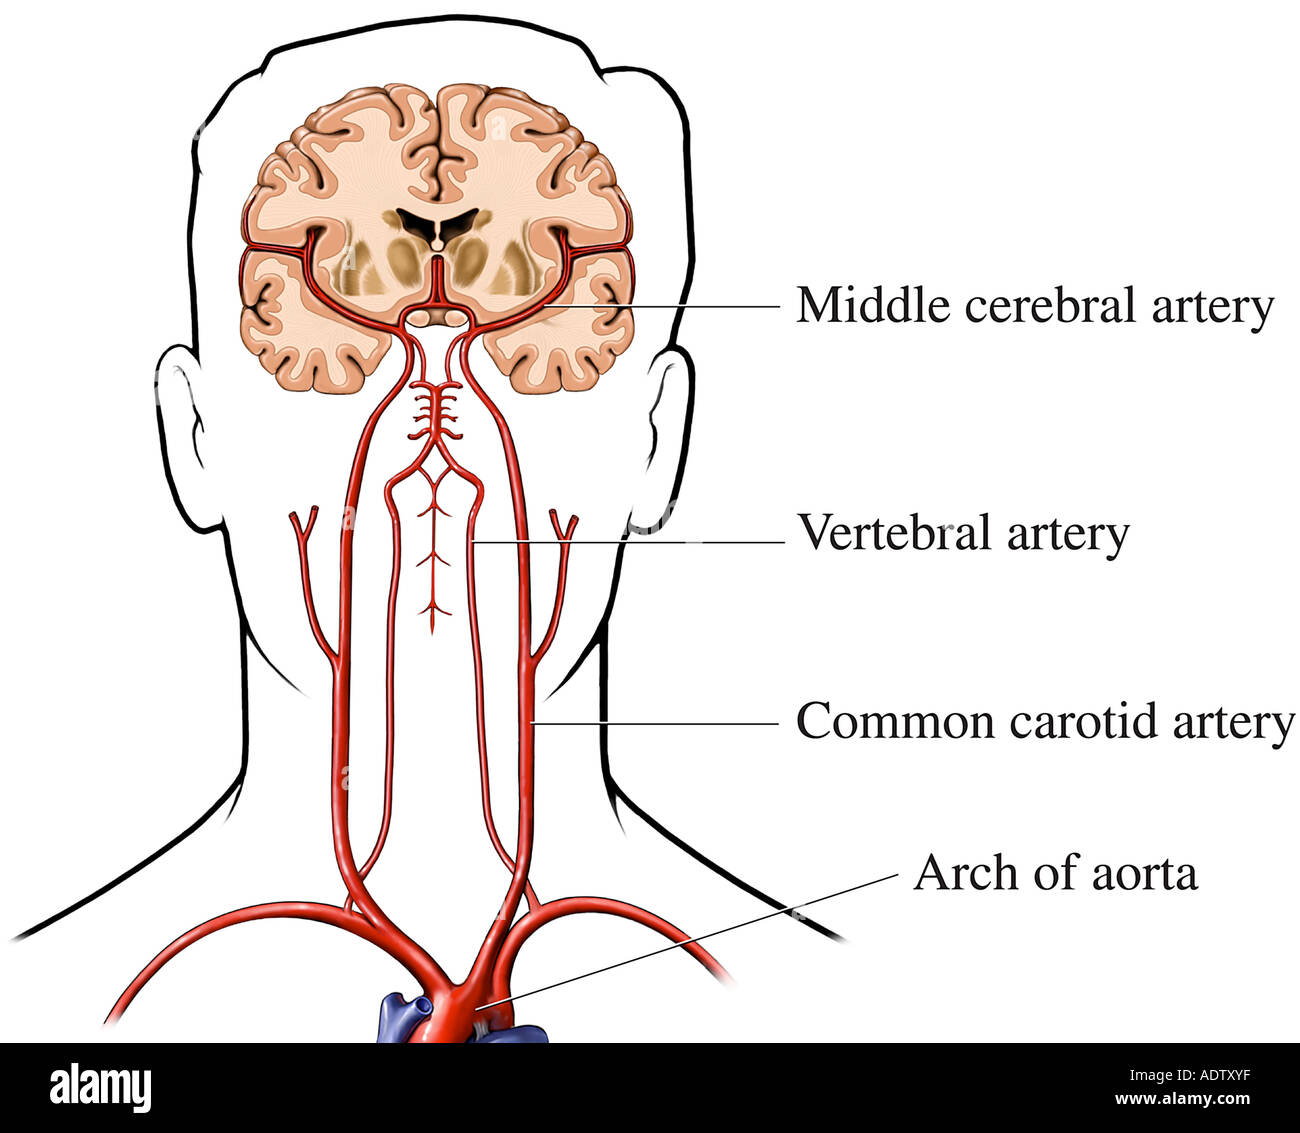 Perfecto Suministro De Sangre Anatomía Humana Al Cerebro Colección ...